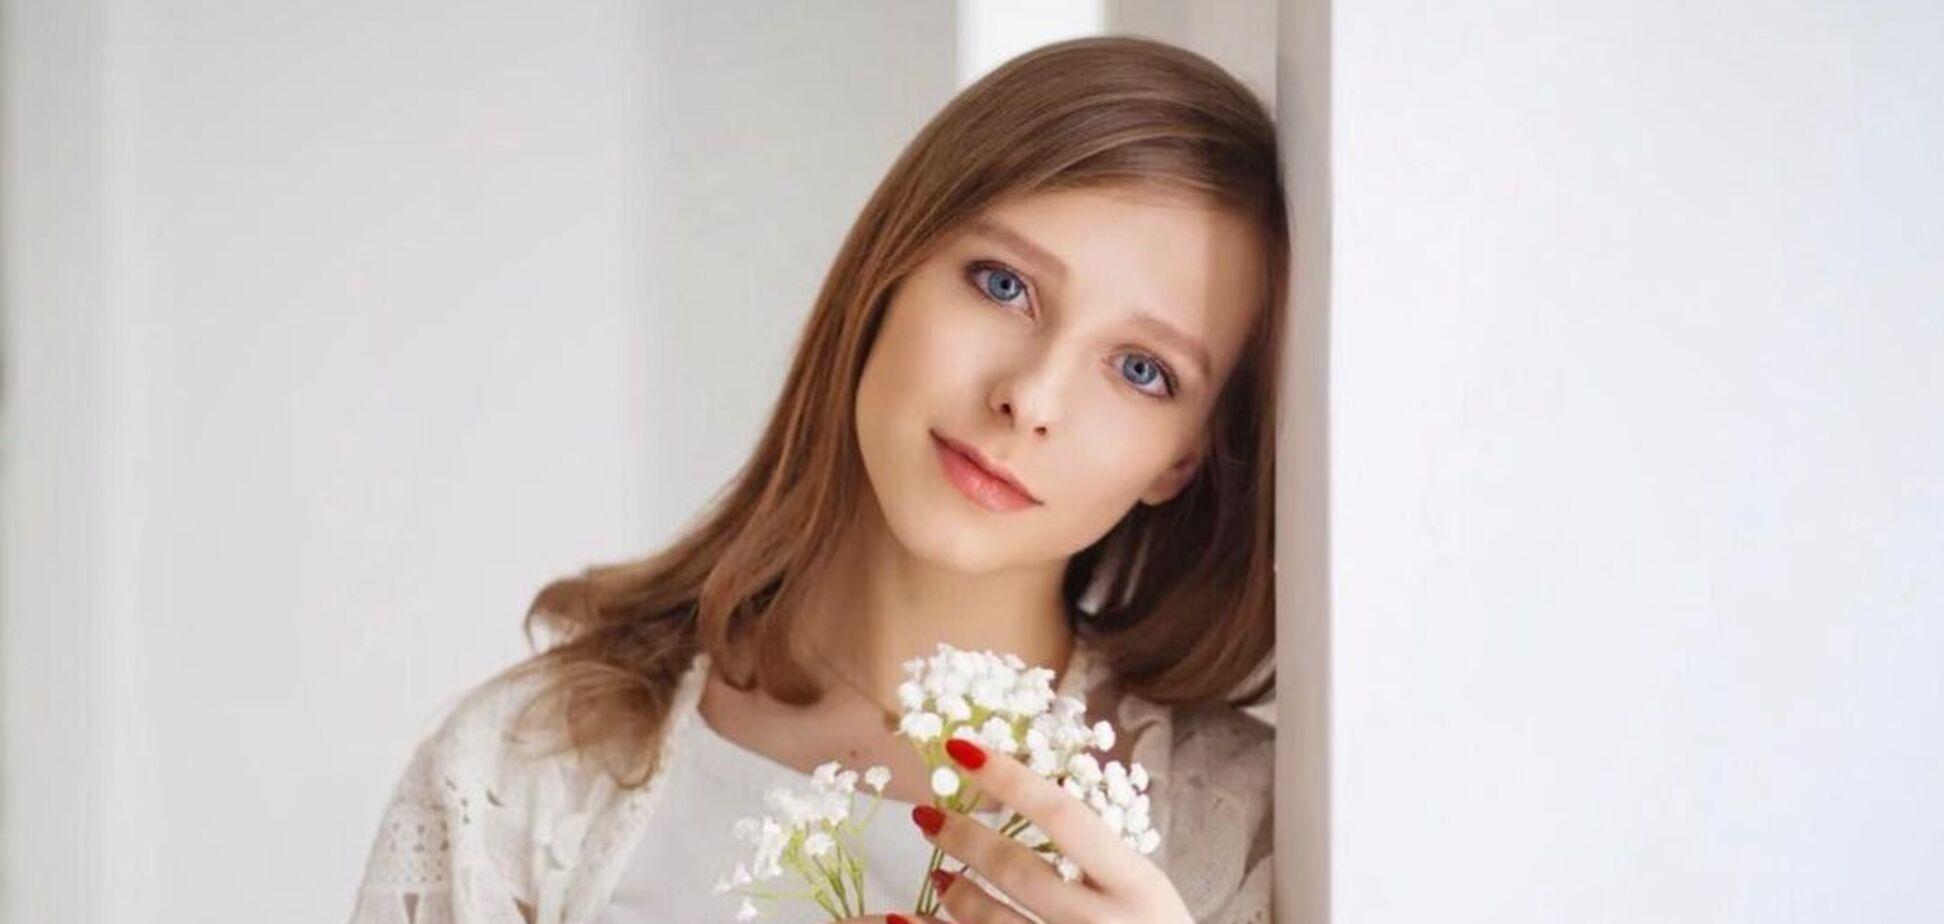 Єлизавета Арзамасова поділилася пікантним фото